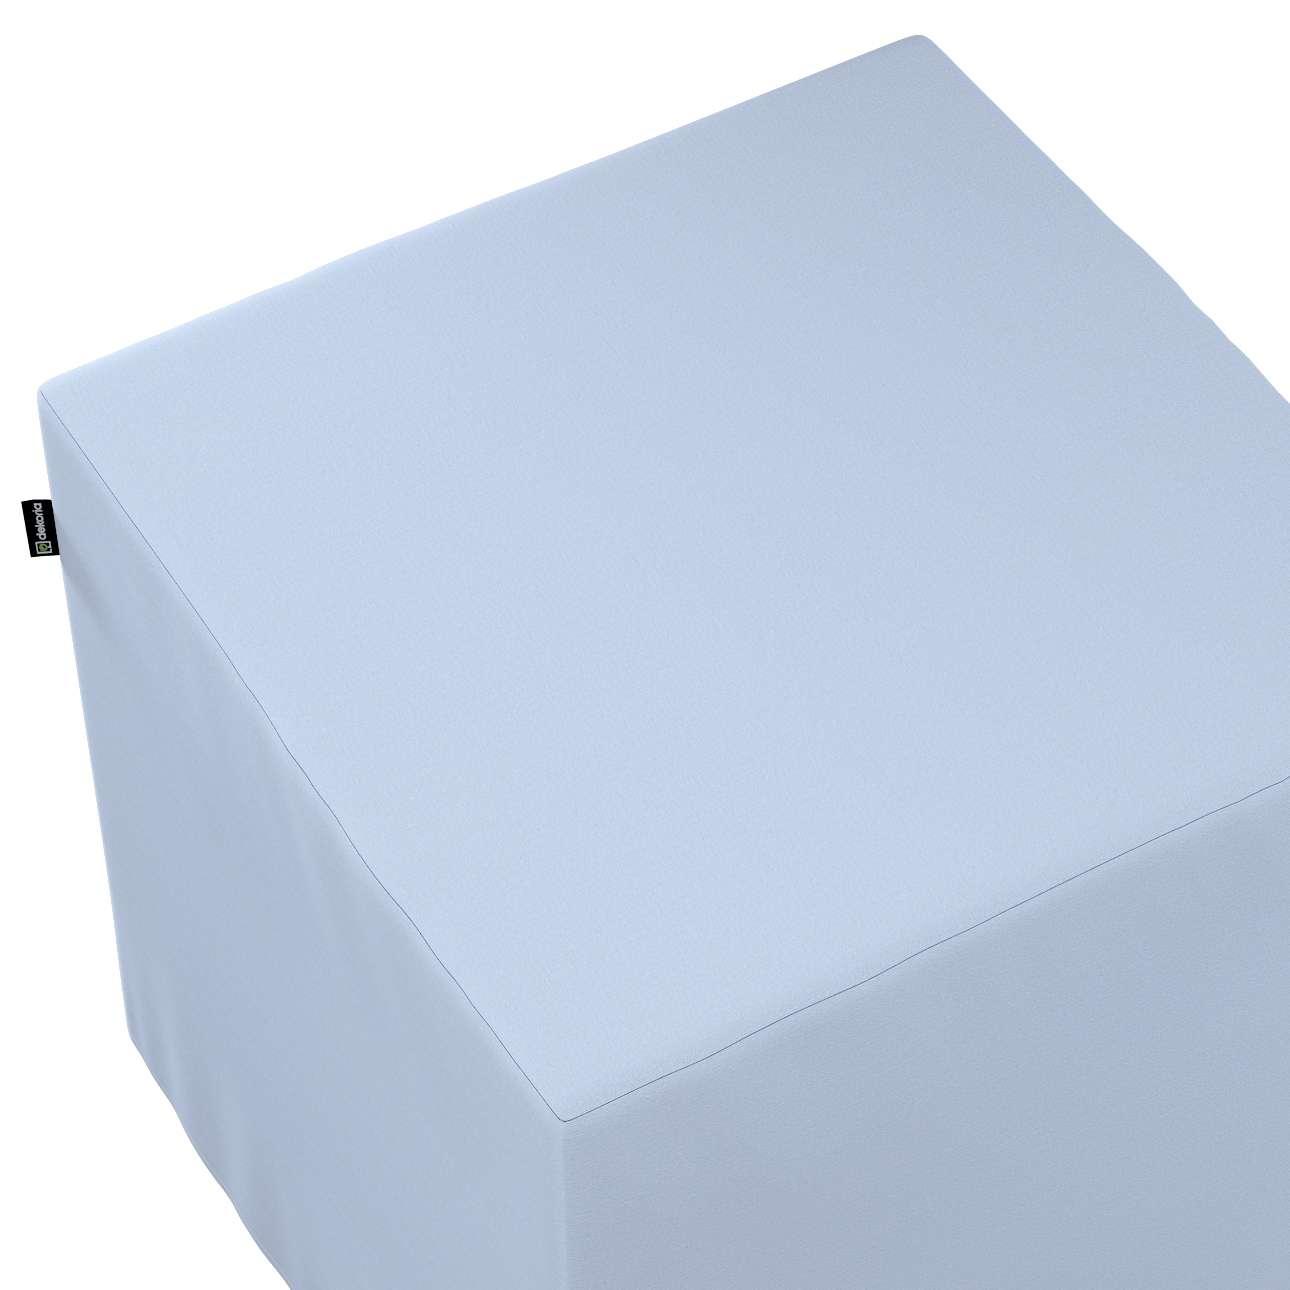 Pokrowiec na pufę kostkę w kolekcji Loneta, tkanina: 133-35